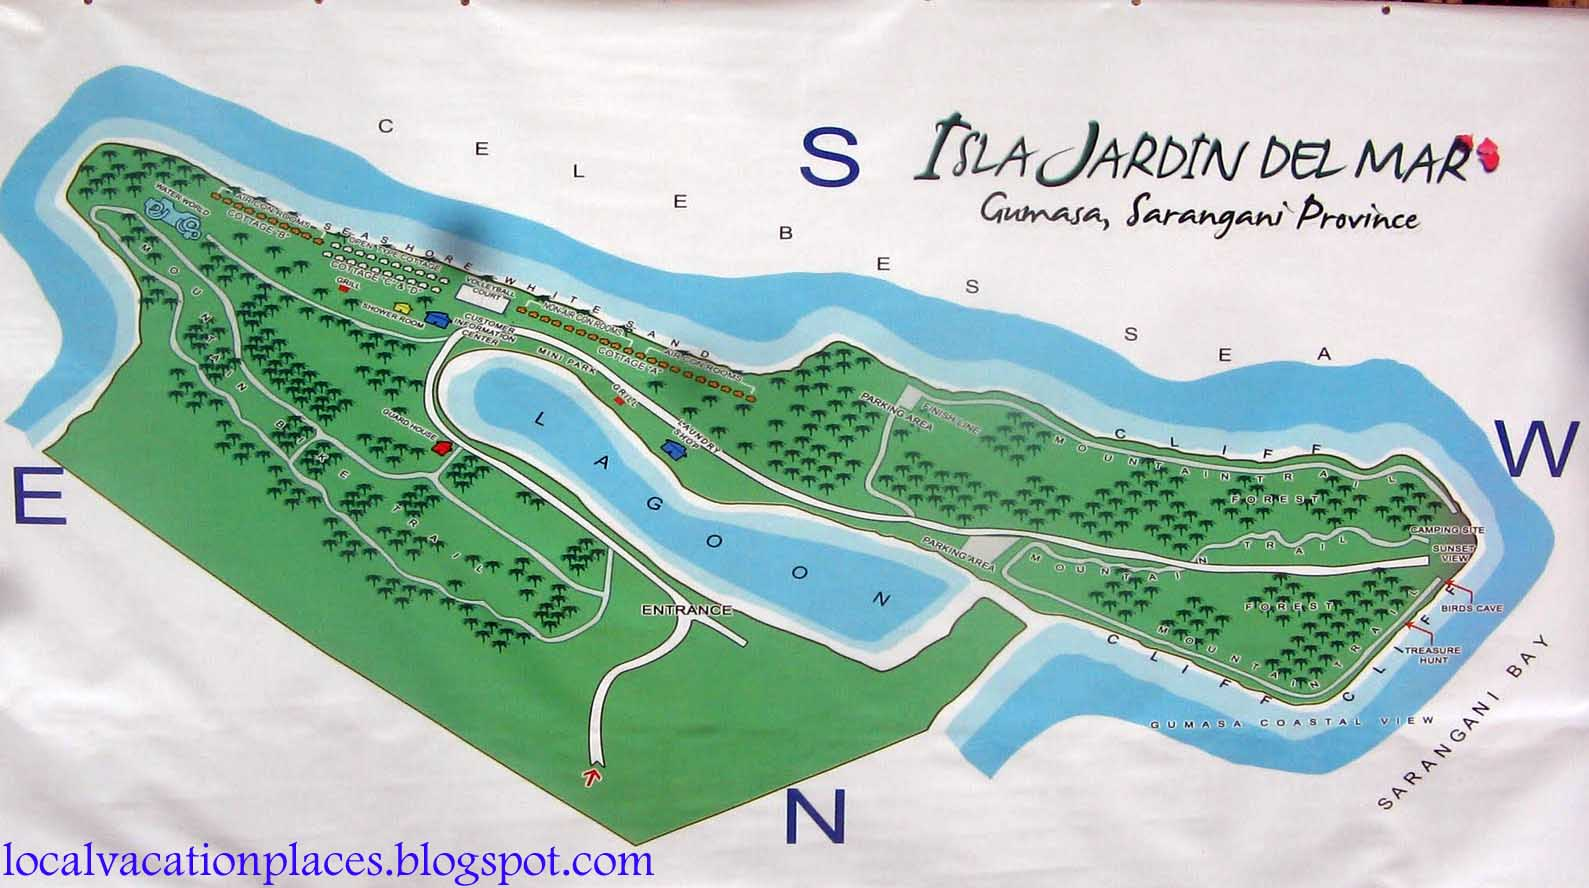 Vacation spot dream vacation destination isla jardin for Casas jardin del mar